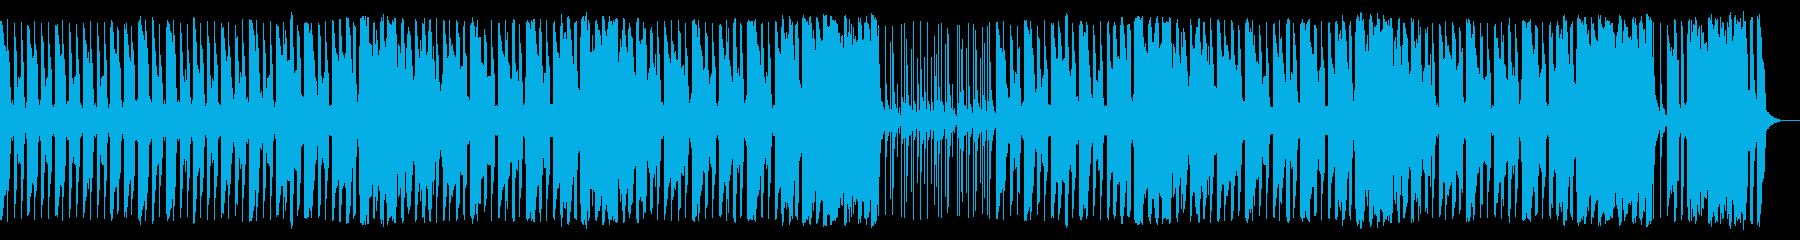 手拍子がリズムのポップでノリノリクラップの再生済みの波形